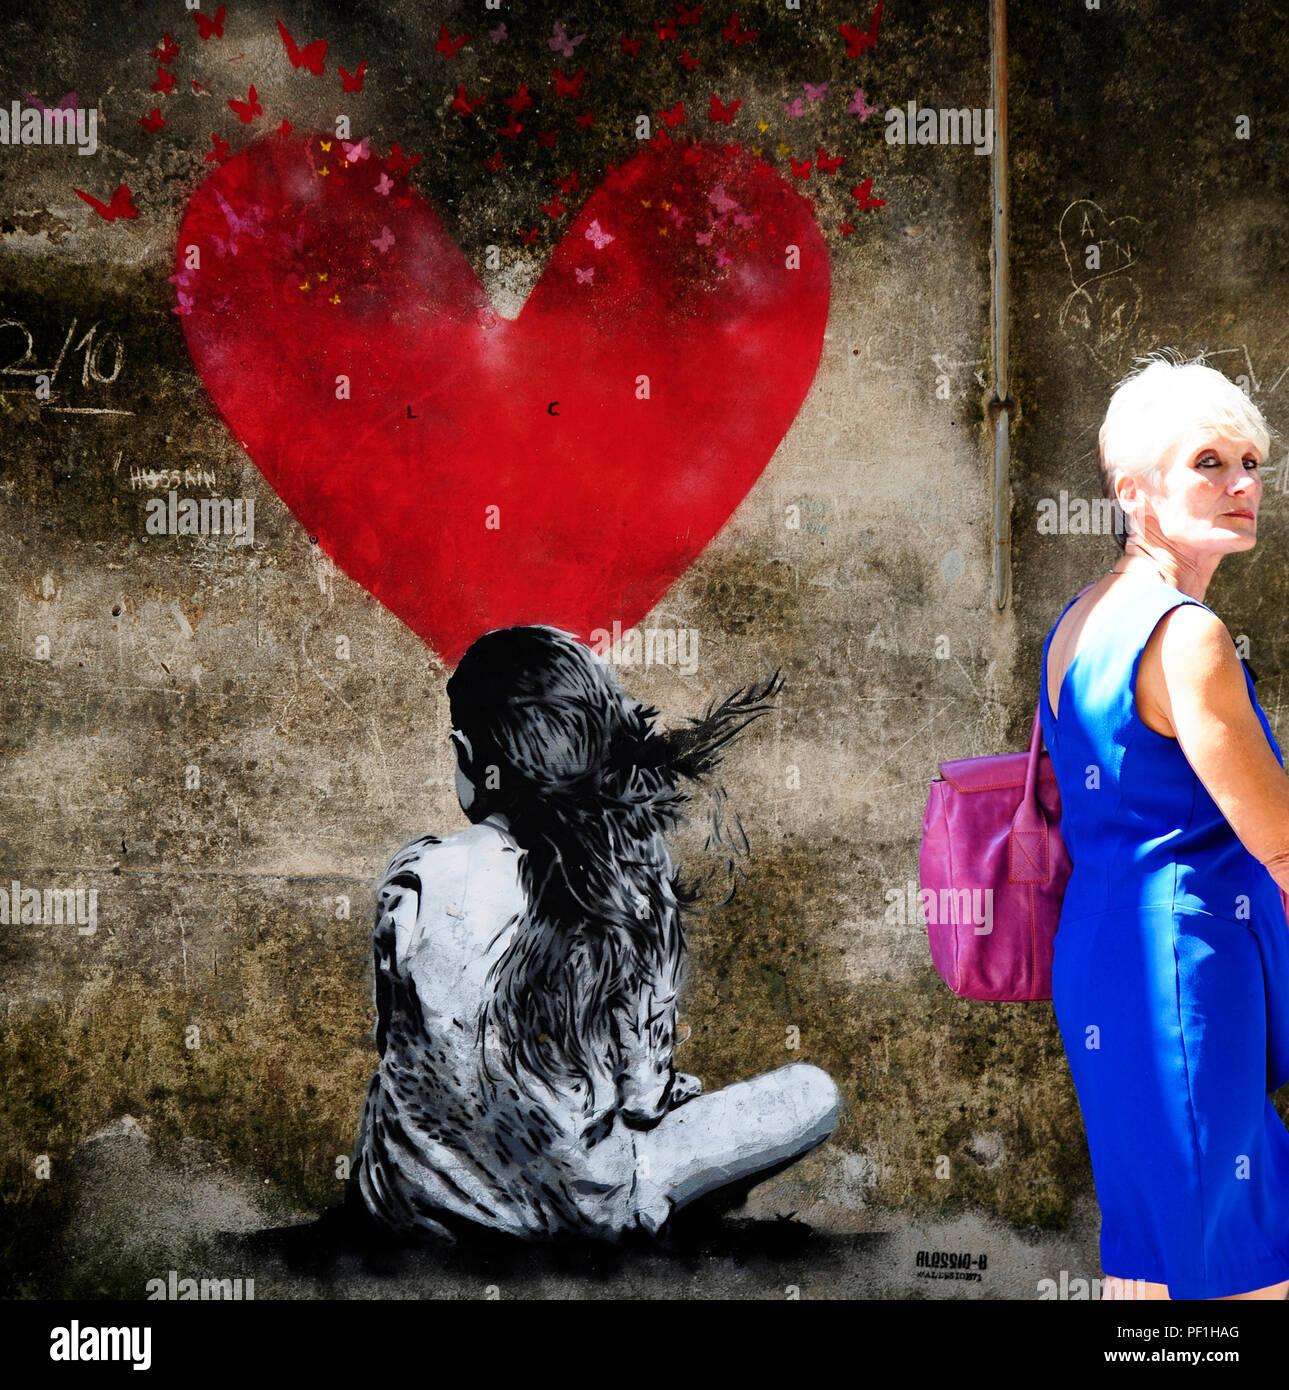 Arquà Petrarca, PD, Italia - 15 agosto 2018, dipinta su un muro in Arquà Petrarca. Una bambina visto da dietro e un grande cuore in background. Un Foto Stock